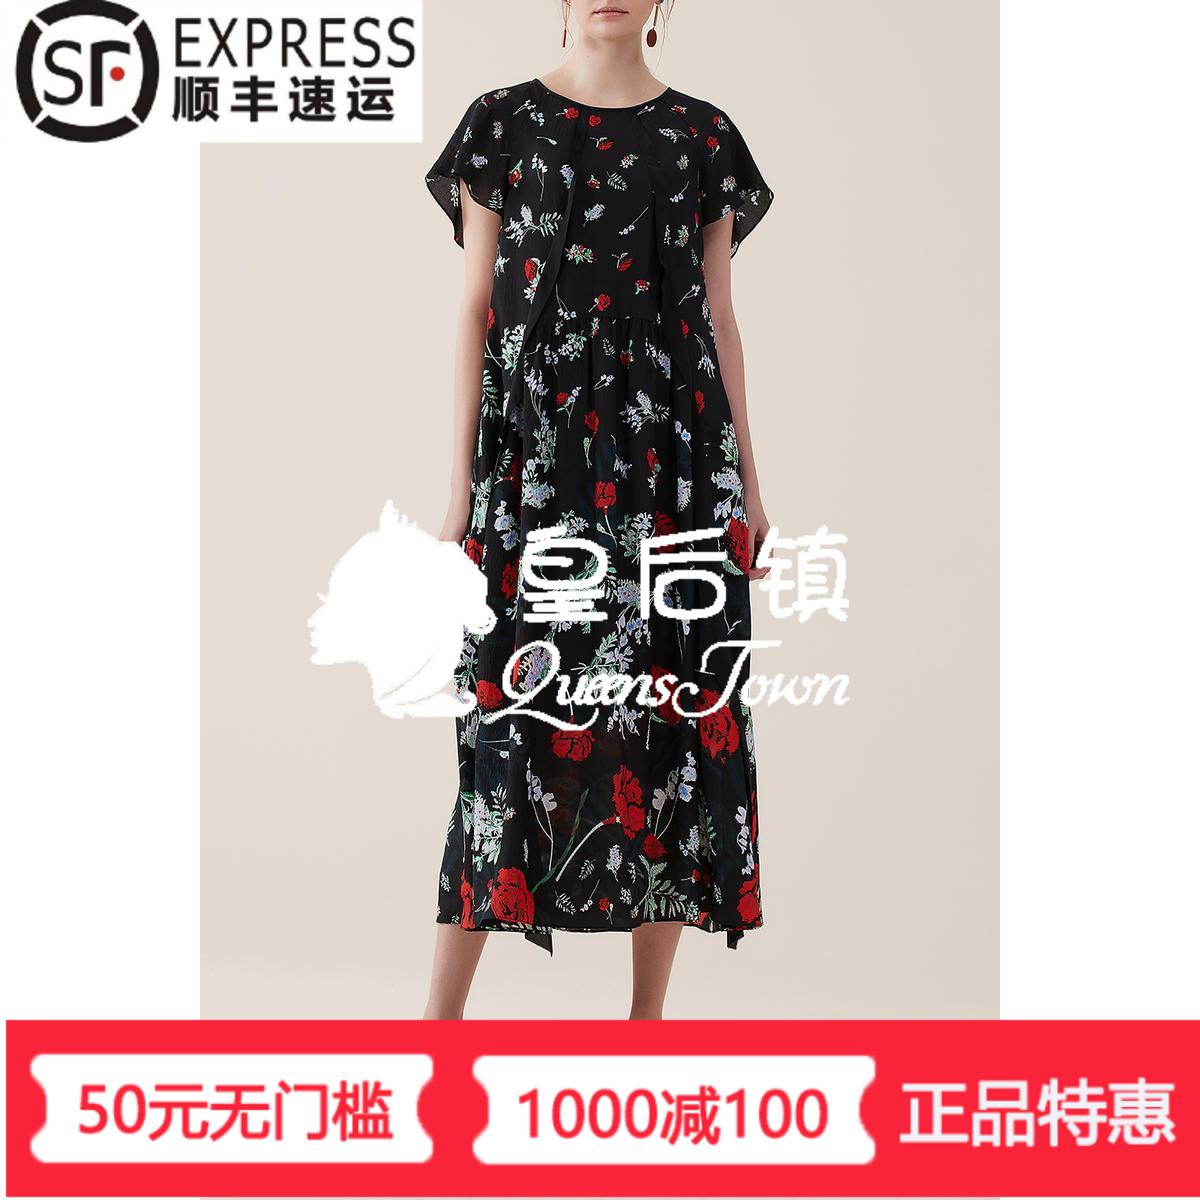 玛丝菲尔女装正品 国内代购 玛丝菲尔2020夏季新款专柜正品连衣裙女A1JS23056原4280_推荐淘宝好看的玛丝菲尔正品